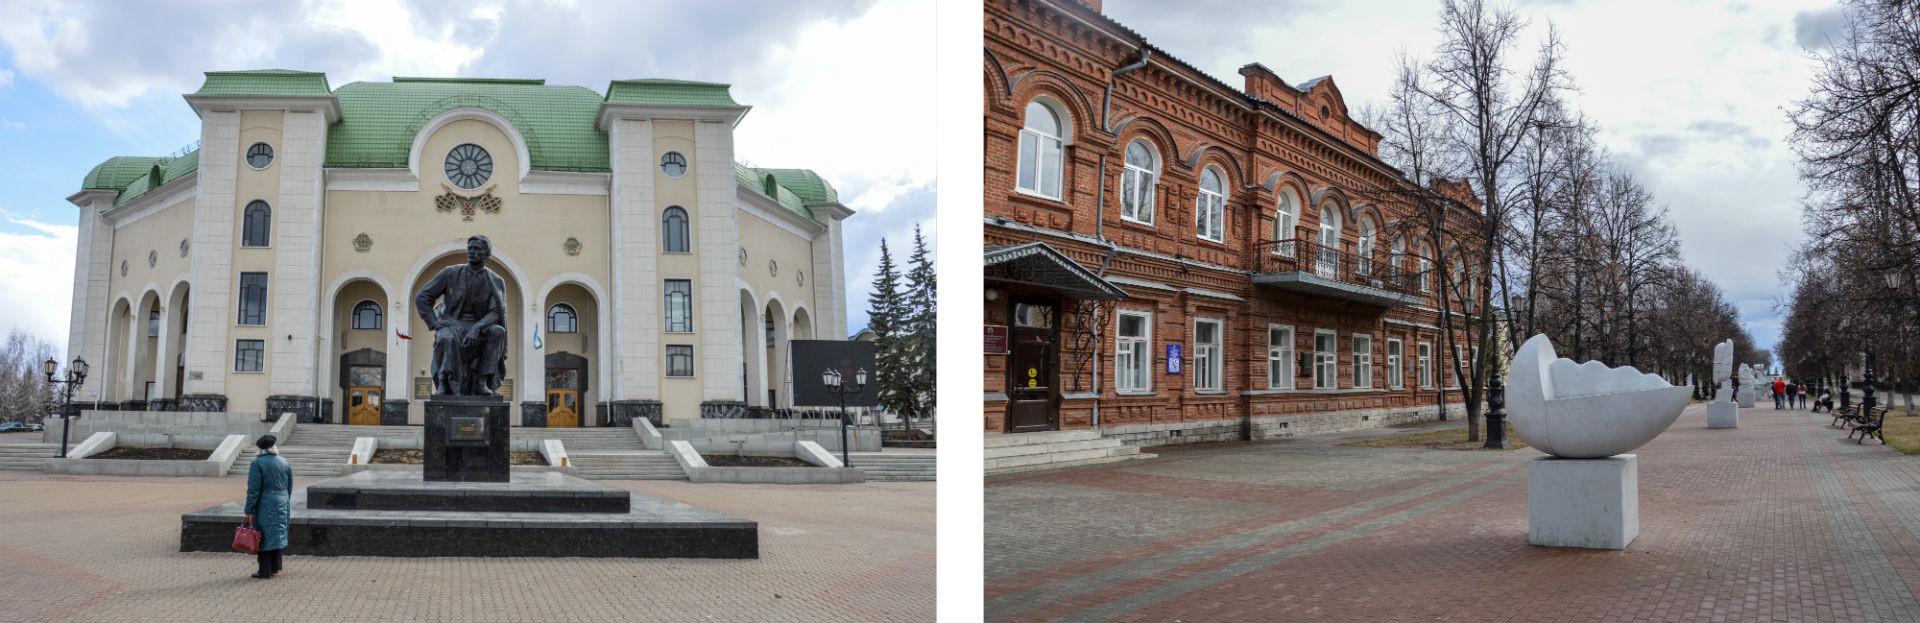 À gauche, Théâtre national académique de drame de Bachkirie, à droite, l'allée ArtTerria